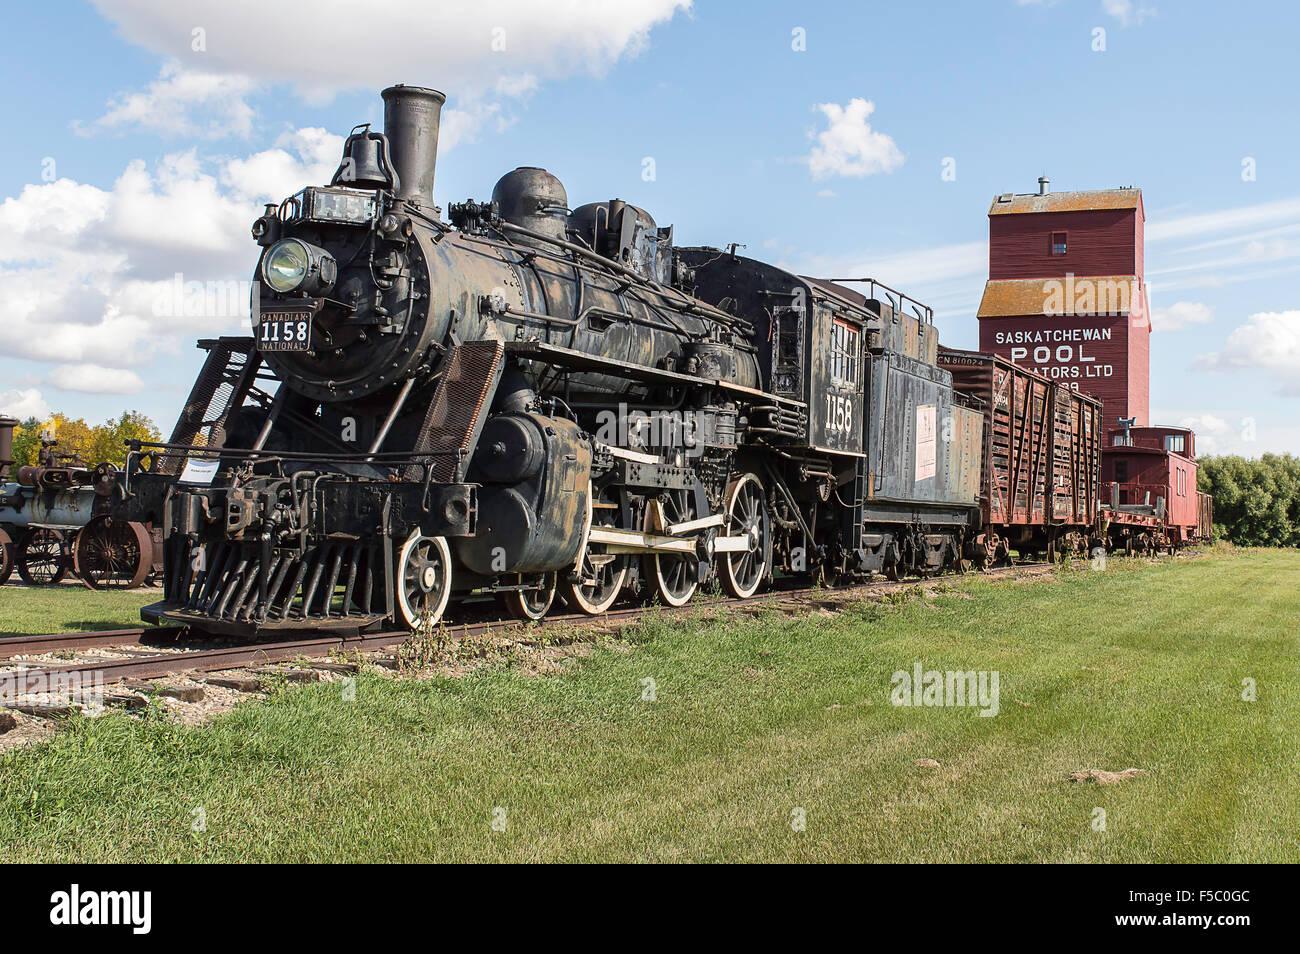 Cette ancienne locomotive à vapeur, connu sous le nom de 10 wheeler ou un type 4-6-0, a été un favori Photo Stock